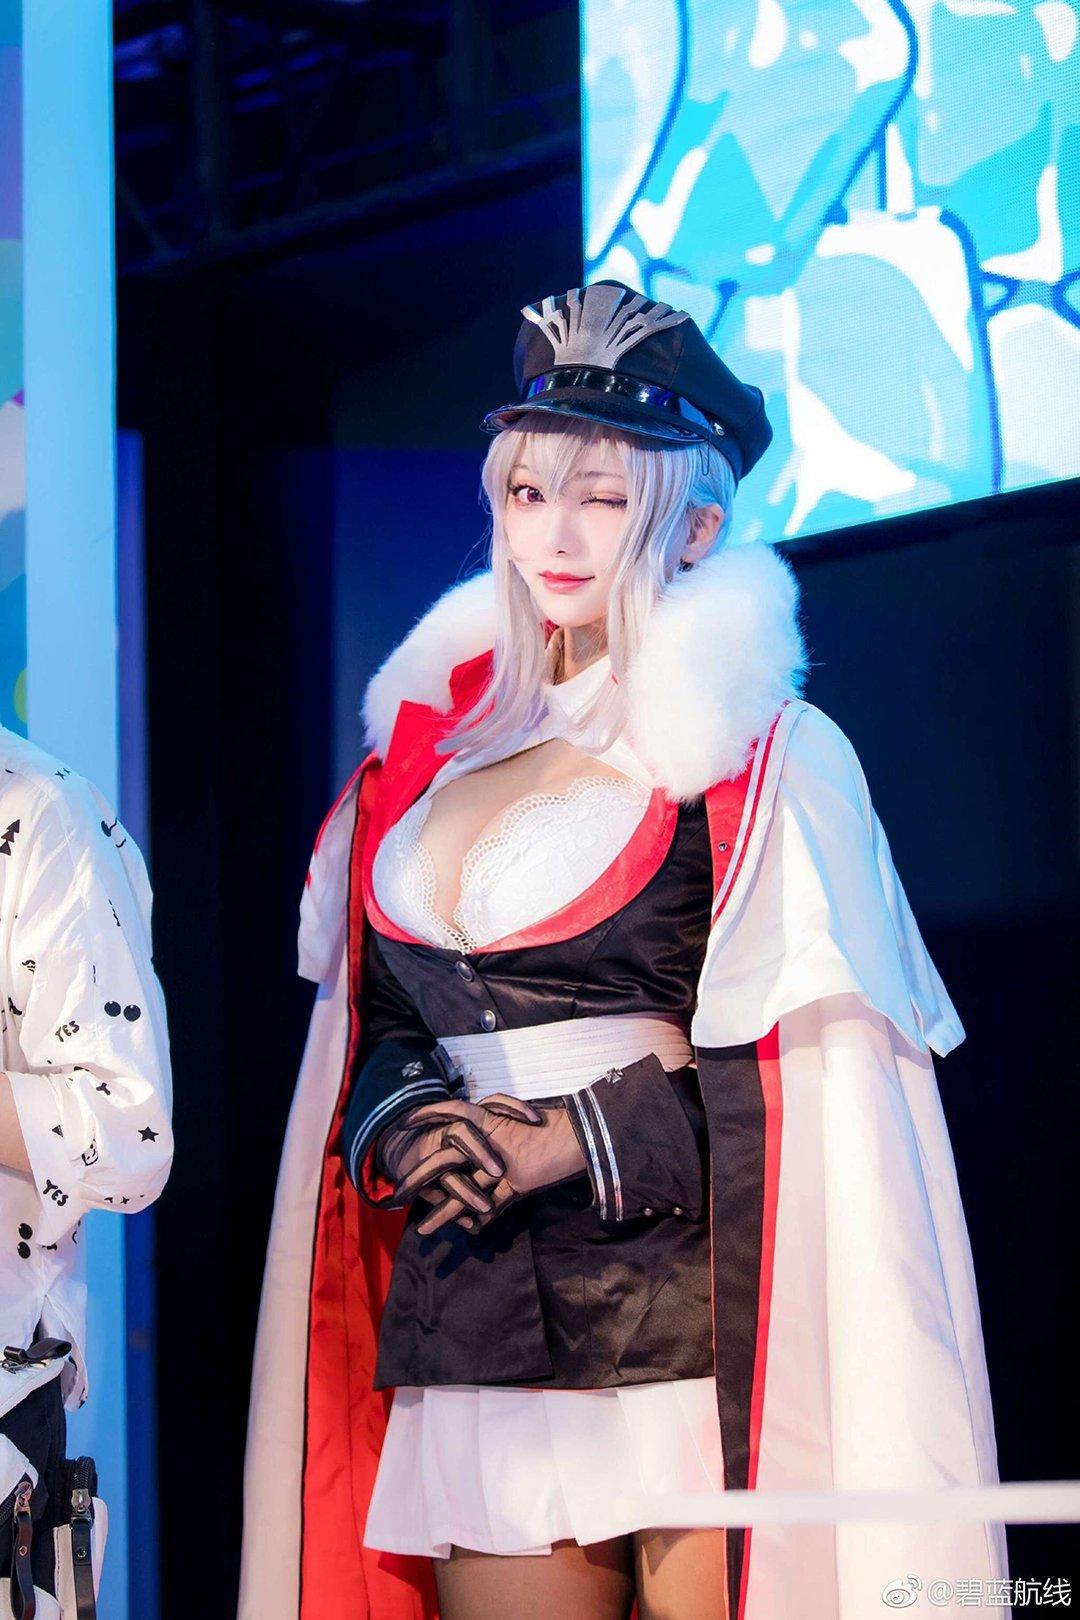 中国最強美少女の巨乳JKが日本の制服来てみましたwwwwwwwwwwwwww fwS93Wt